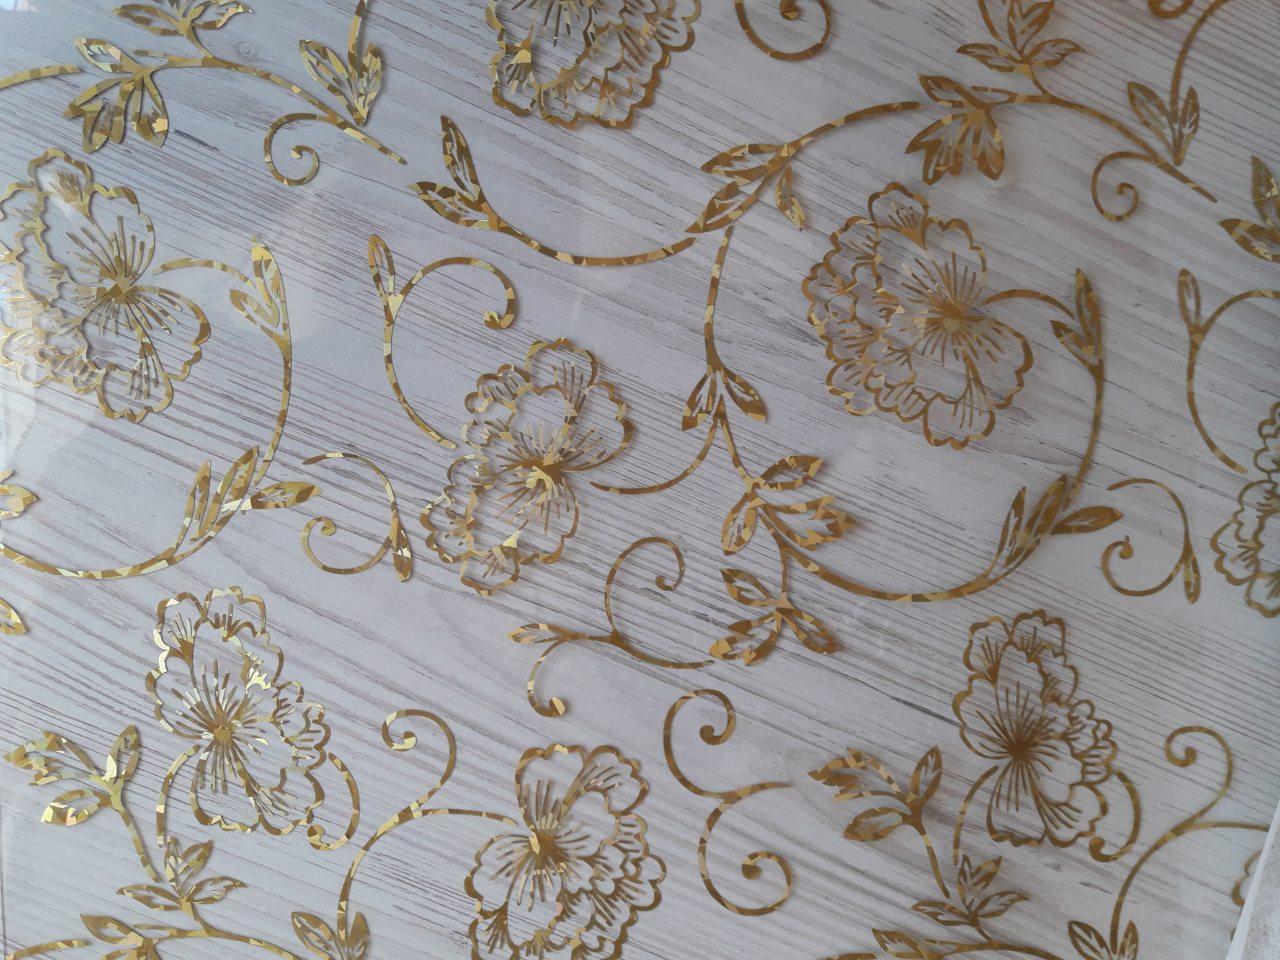 М'яке скло Силіконова скатертину на стіл Soft Glass 2.5х0.8м (Товщина 1.5 мм) Золотисті квіти